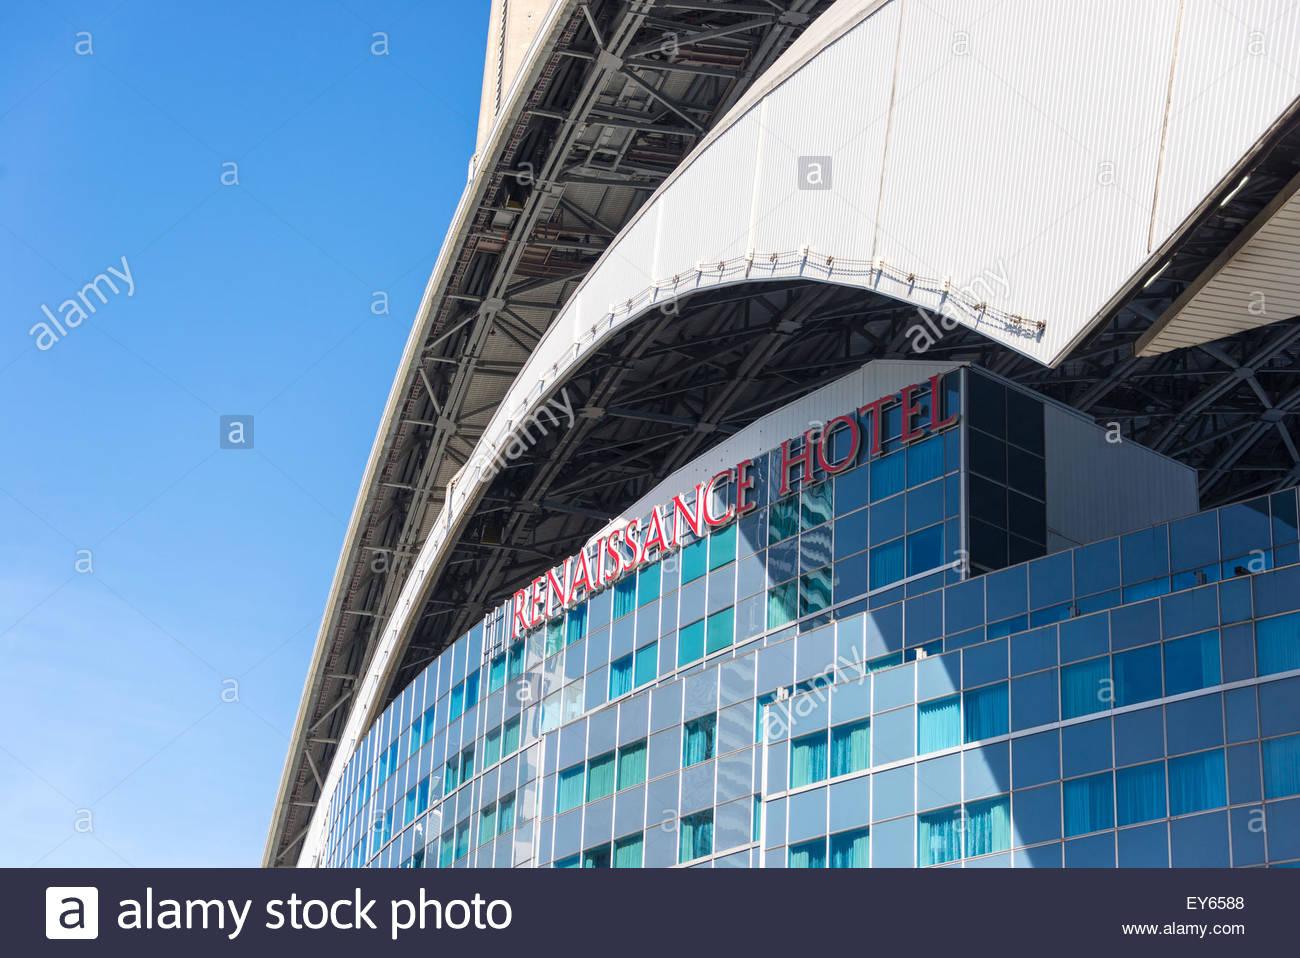 Das Dach und die Fassade des Renaissance Hotels in Rogers Centre-Baseball-Stadion gebaut.  Rogers Centre ist ein Stockbild